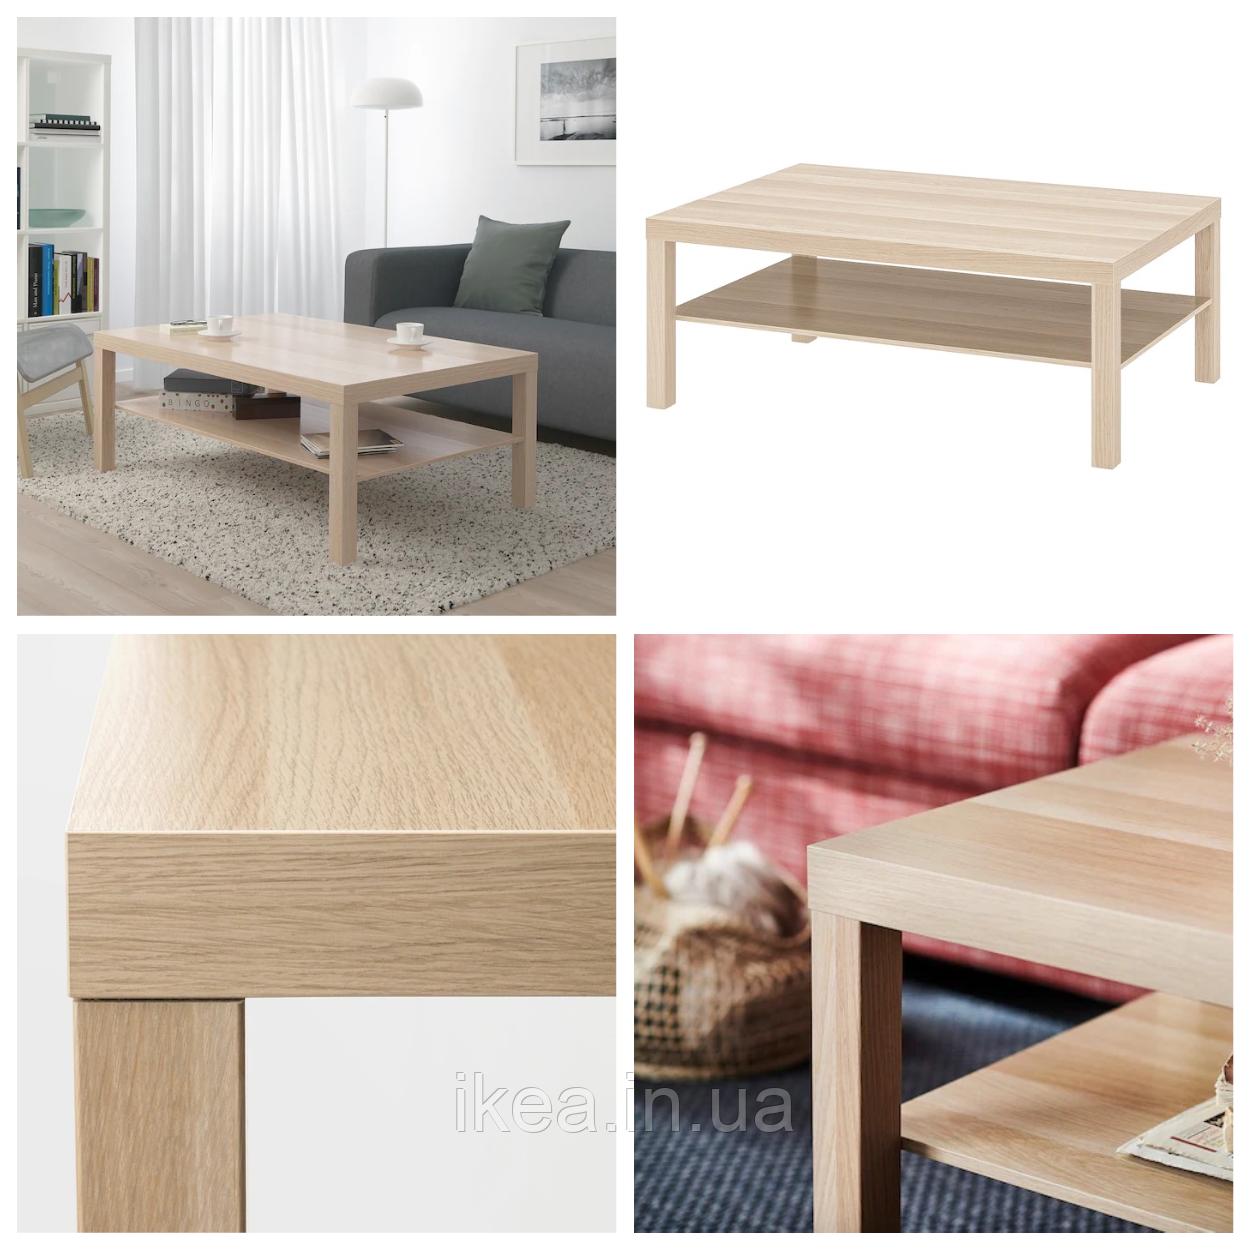 Журнальний столик IKEA LACK 118x78 см під дуб ІКЕА ЛАКК кавовий стіл прямокутний